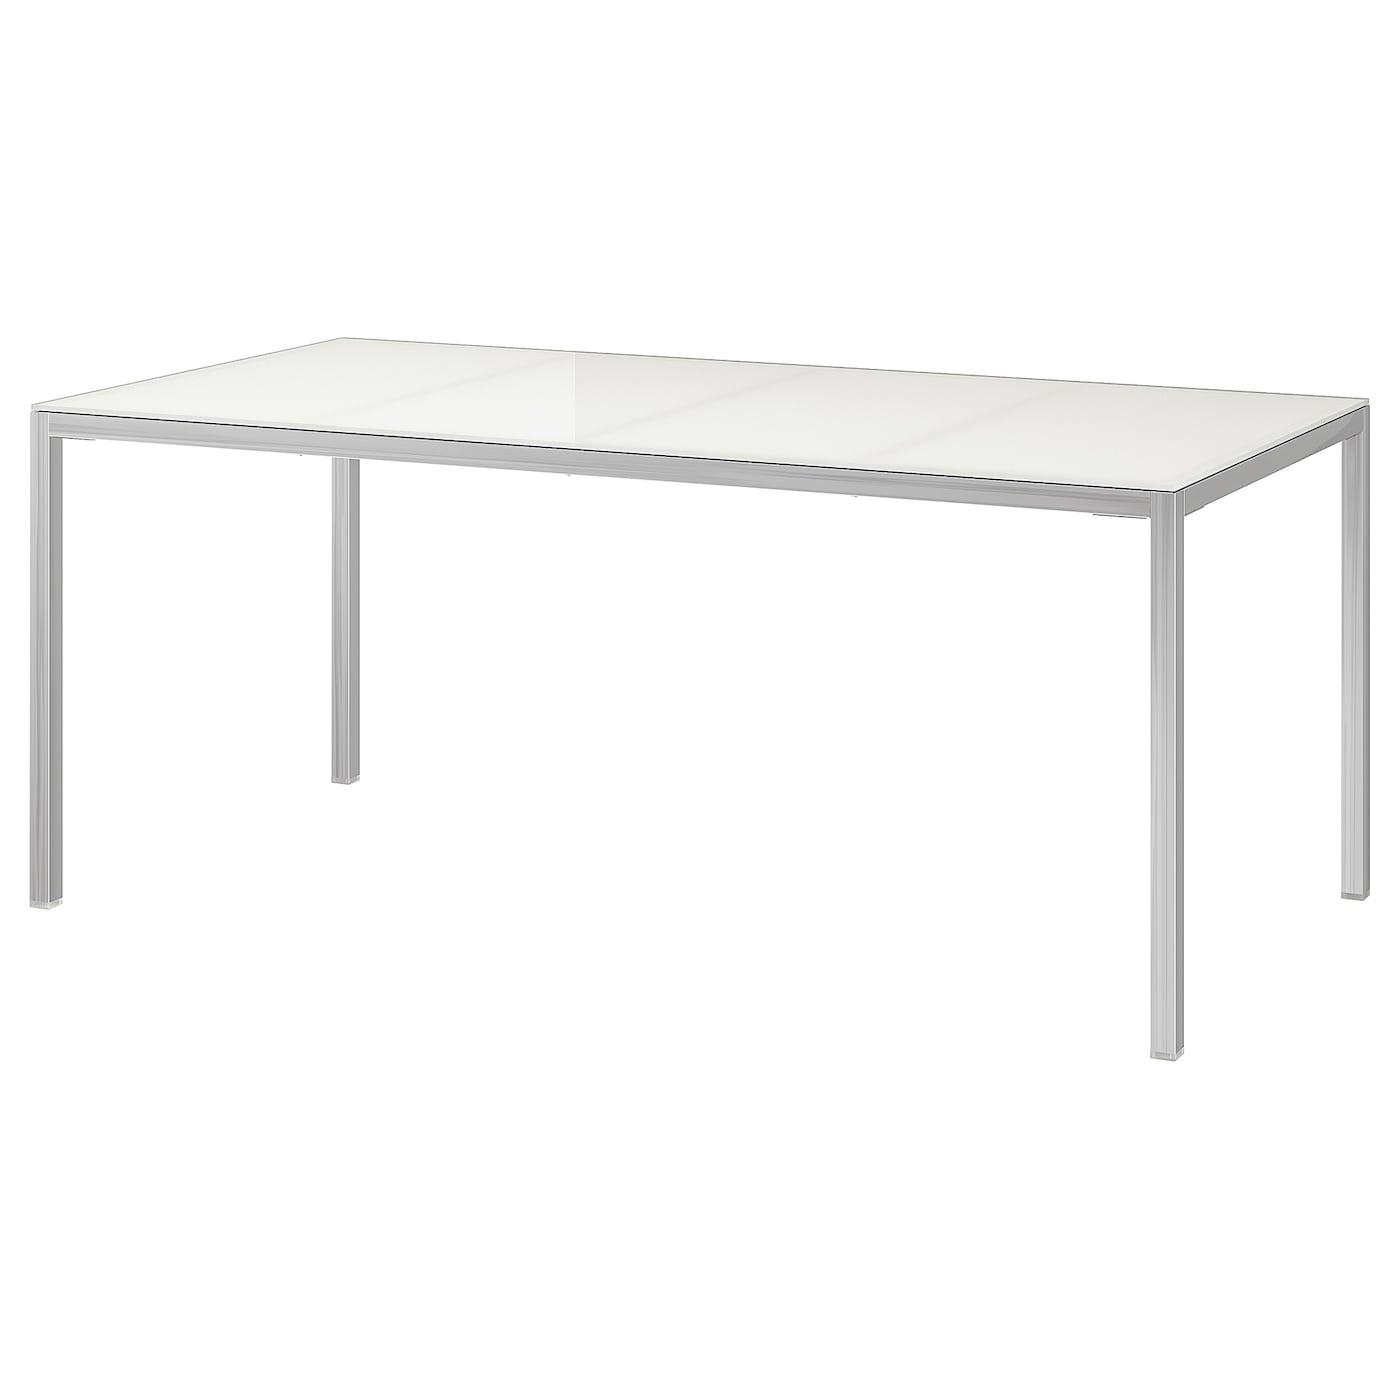 Dimensioni Tavolo Pranzo 12 Persone torsby tavolo - cromato, vetro bianco 180x85 cm